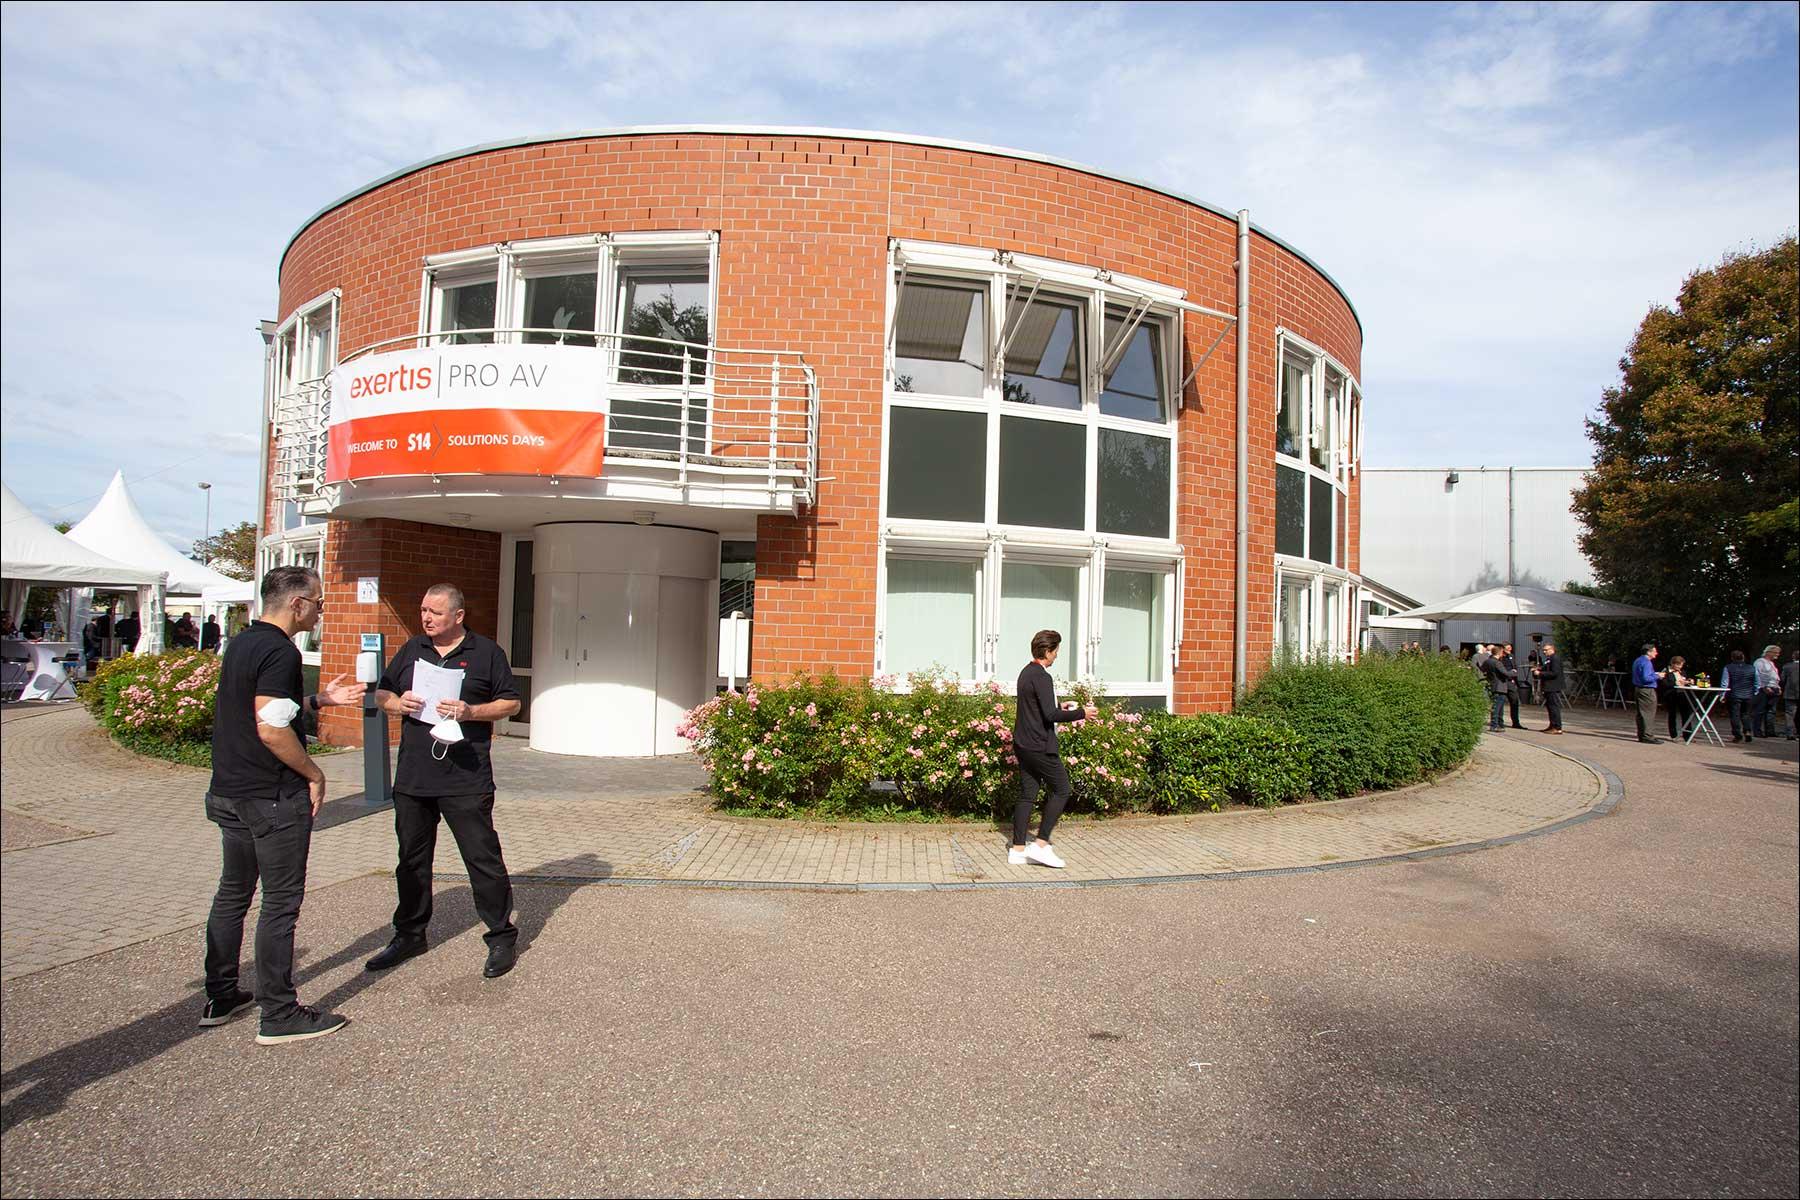 """Das """"Wahrzeichen"""" der S14 Solution Days bei exertis Pro AV in Uhingen (Foto: Tom Becker)"""